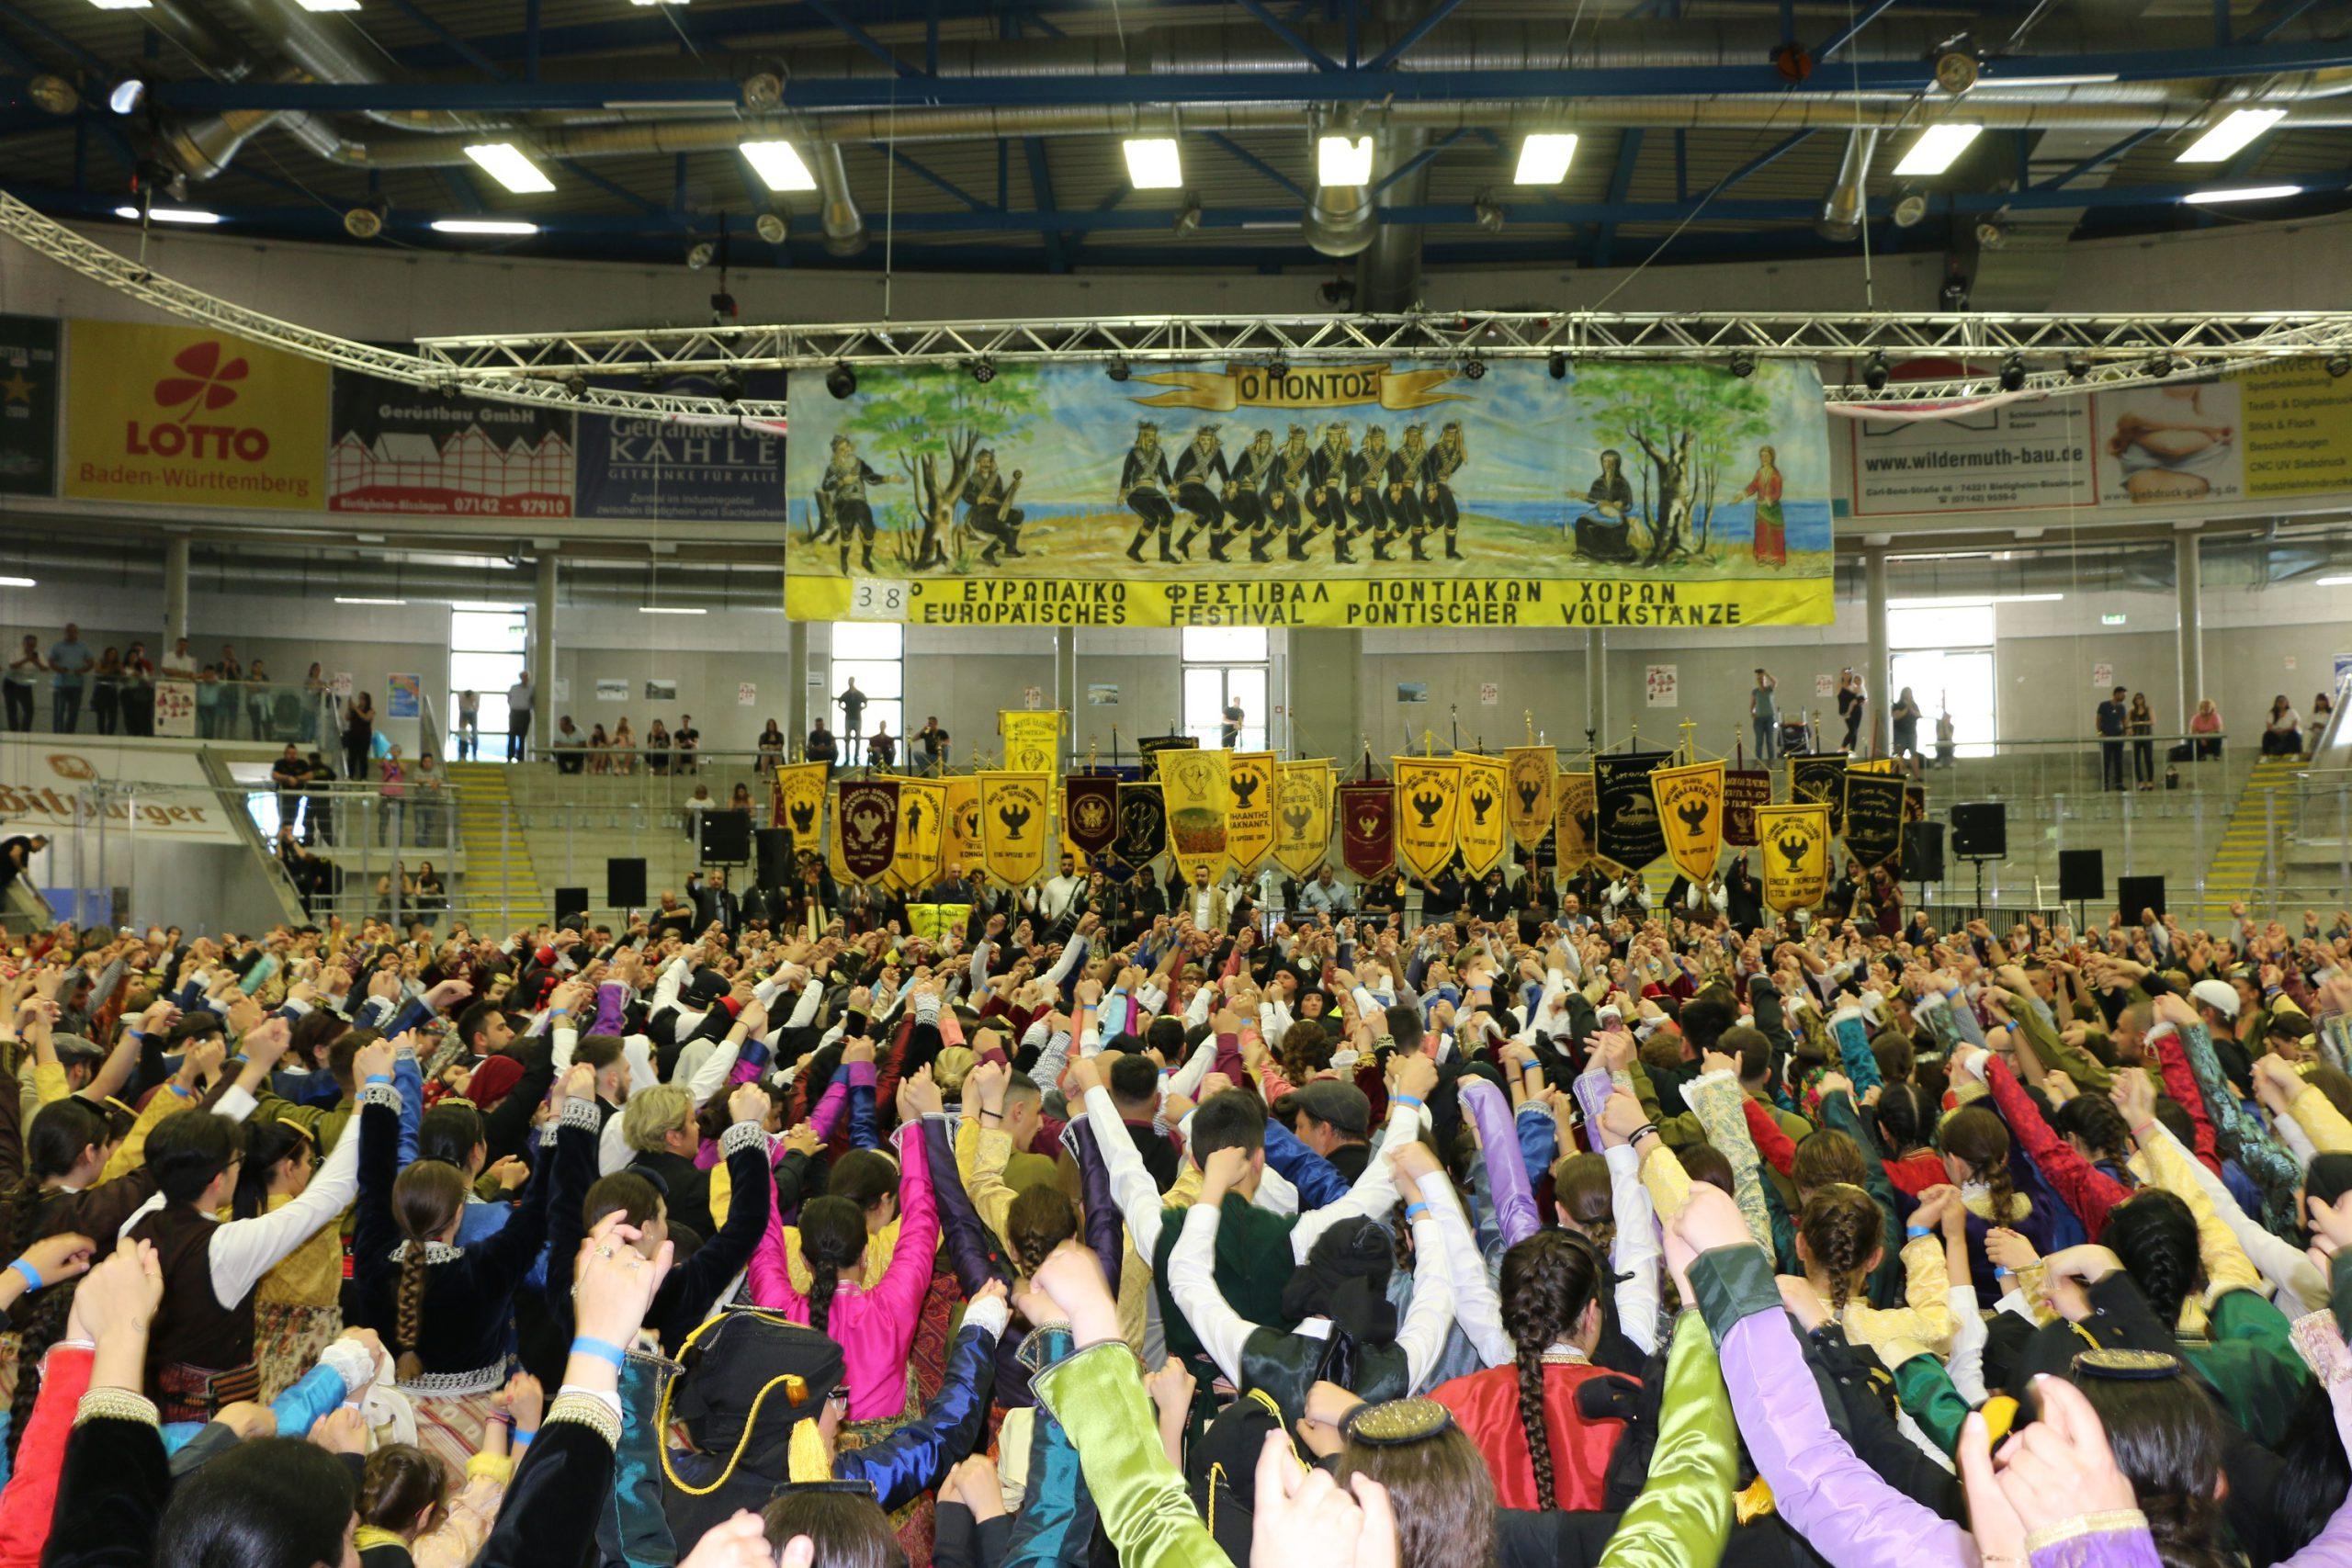 ΔΤ: 38ο Φεστιβάλ Ποντιακών Χορών Νεολαίας στην Ευρώπη